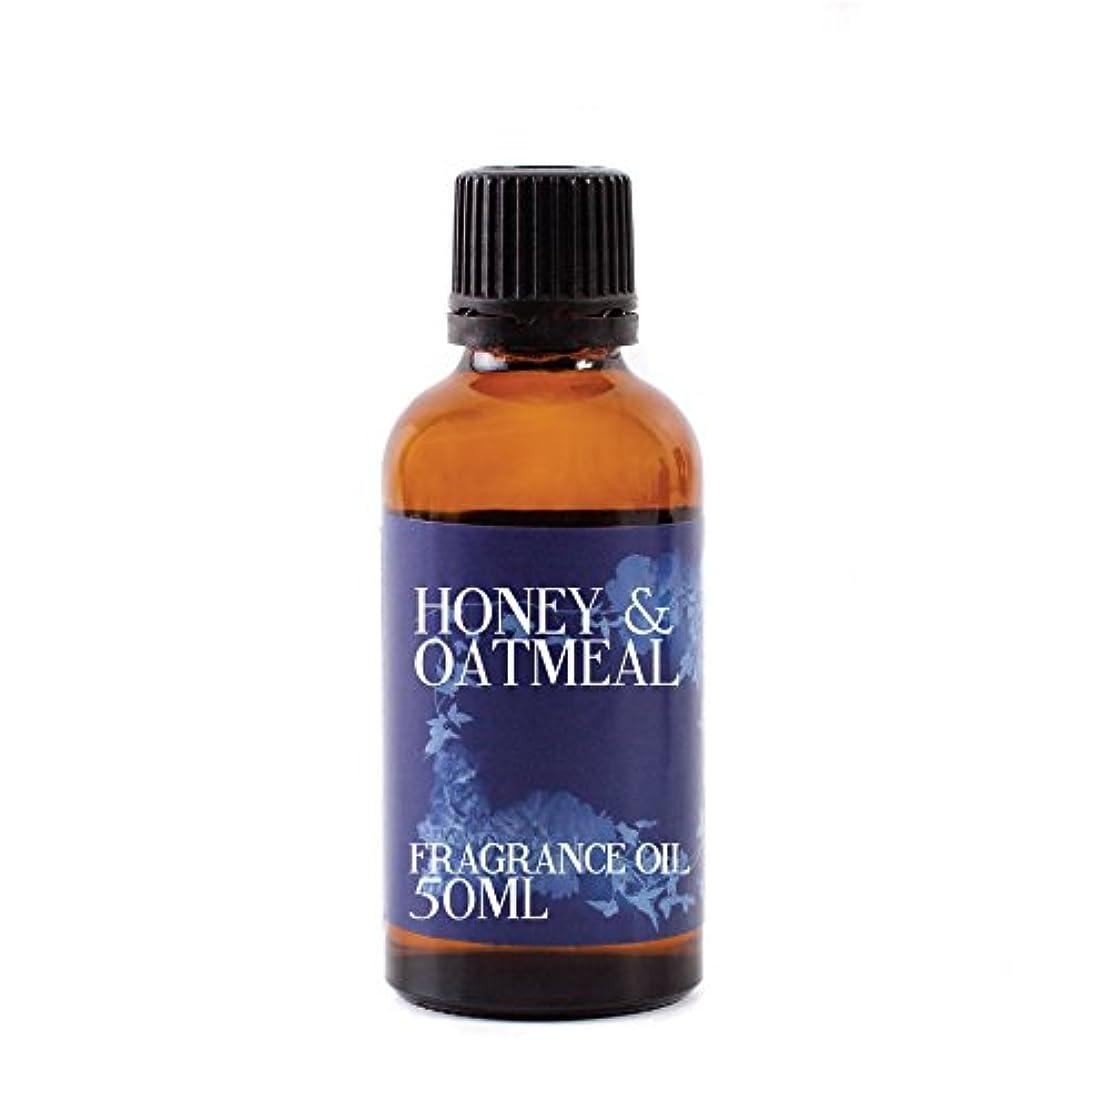 ボイド待って物理学者Mystic Moments | Honey & Oatmeal Fragrance Oil - 50ml